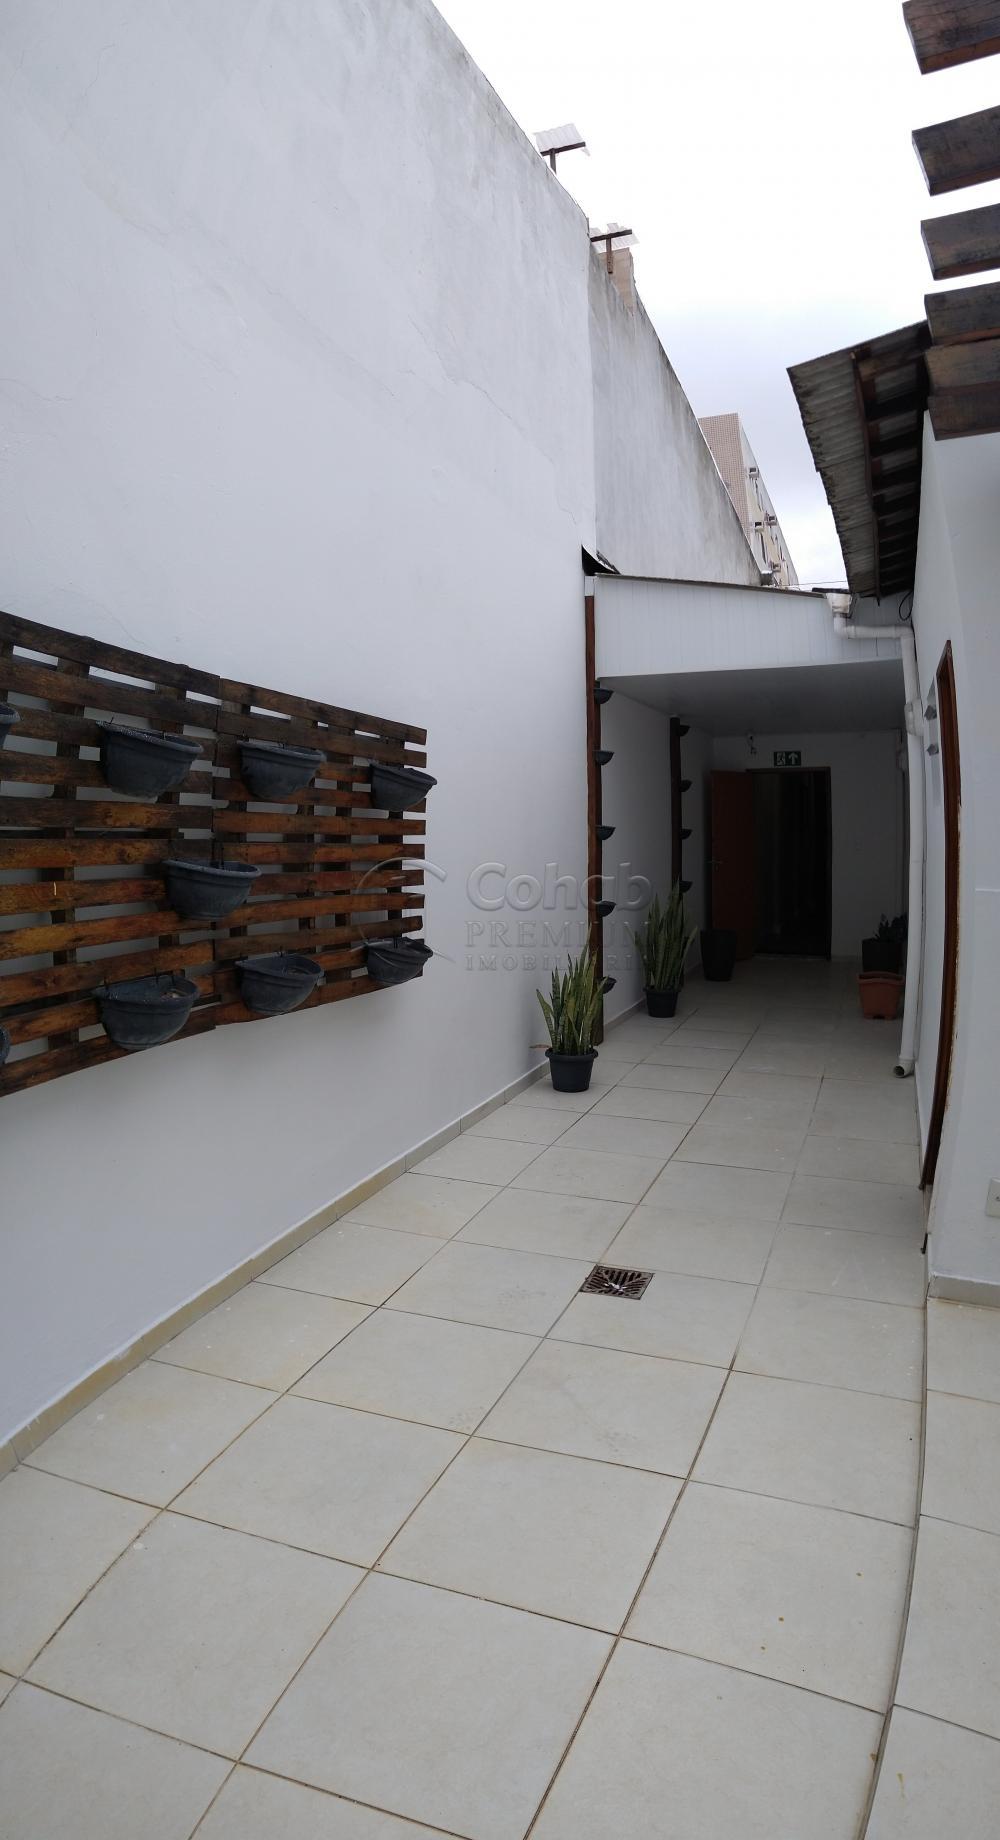 Alugar Comercial / Ponto Comercial em Aracaju apenas R$ 8.000,00 - Foto 26